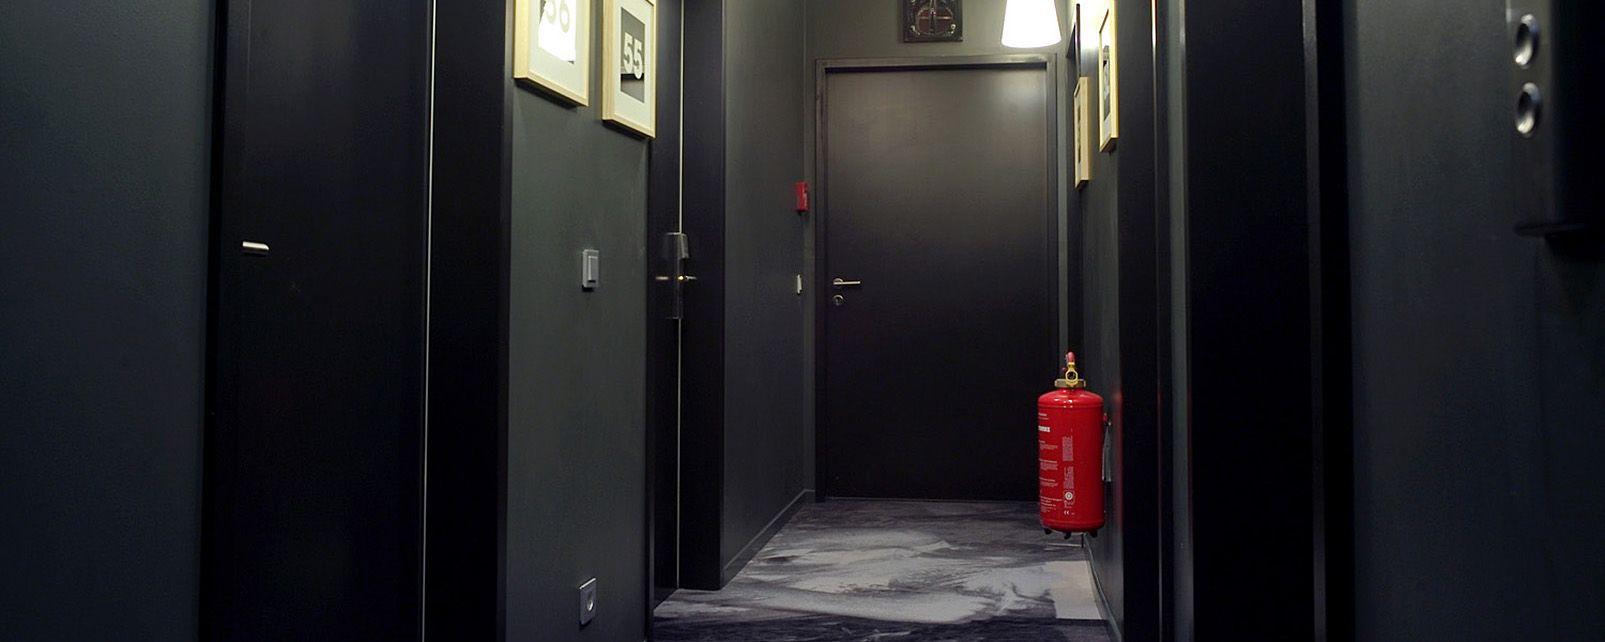 Hotel Sir Savigny